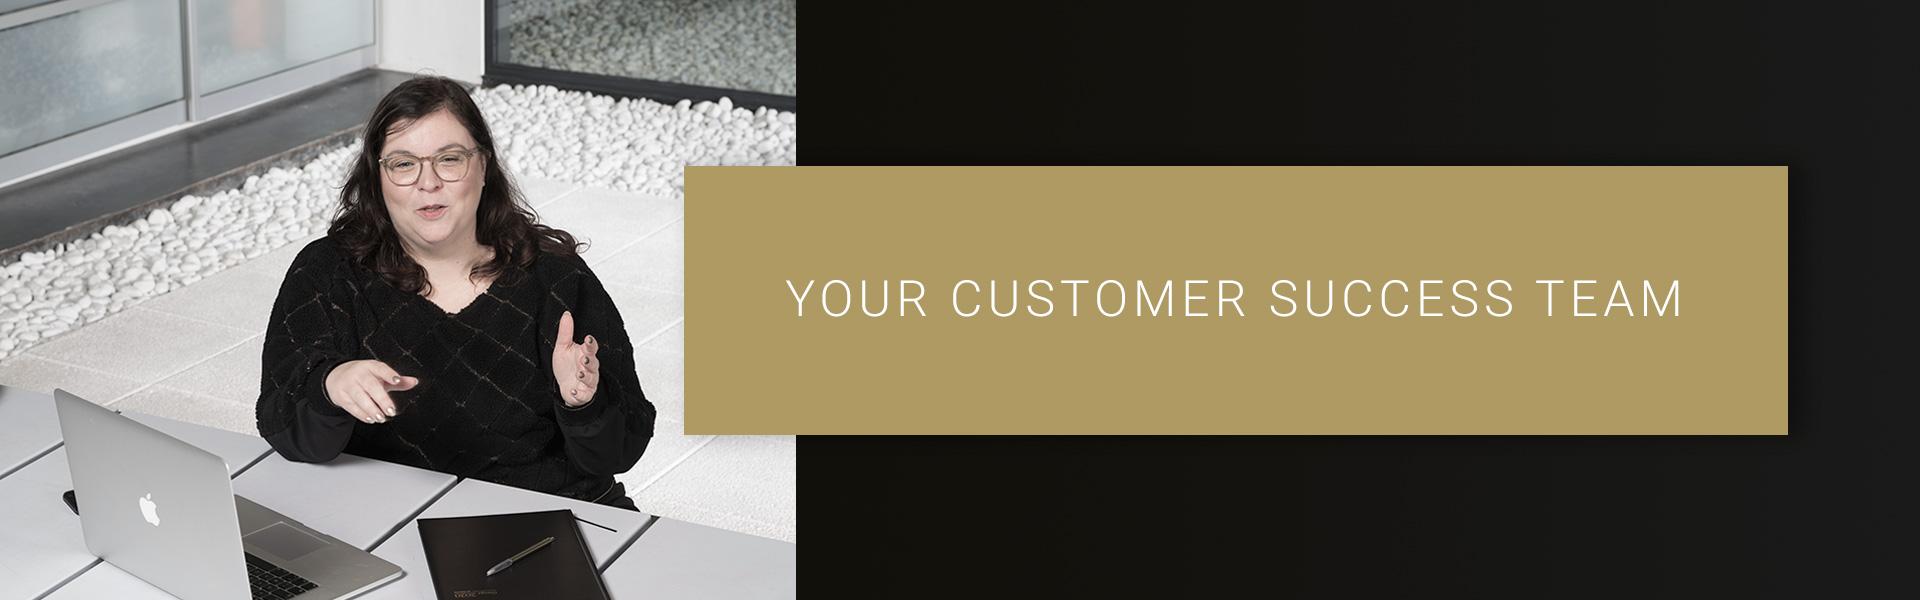 Chetta_banner_customer_success_tea